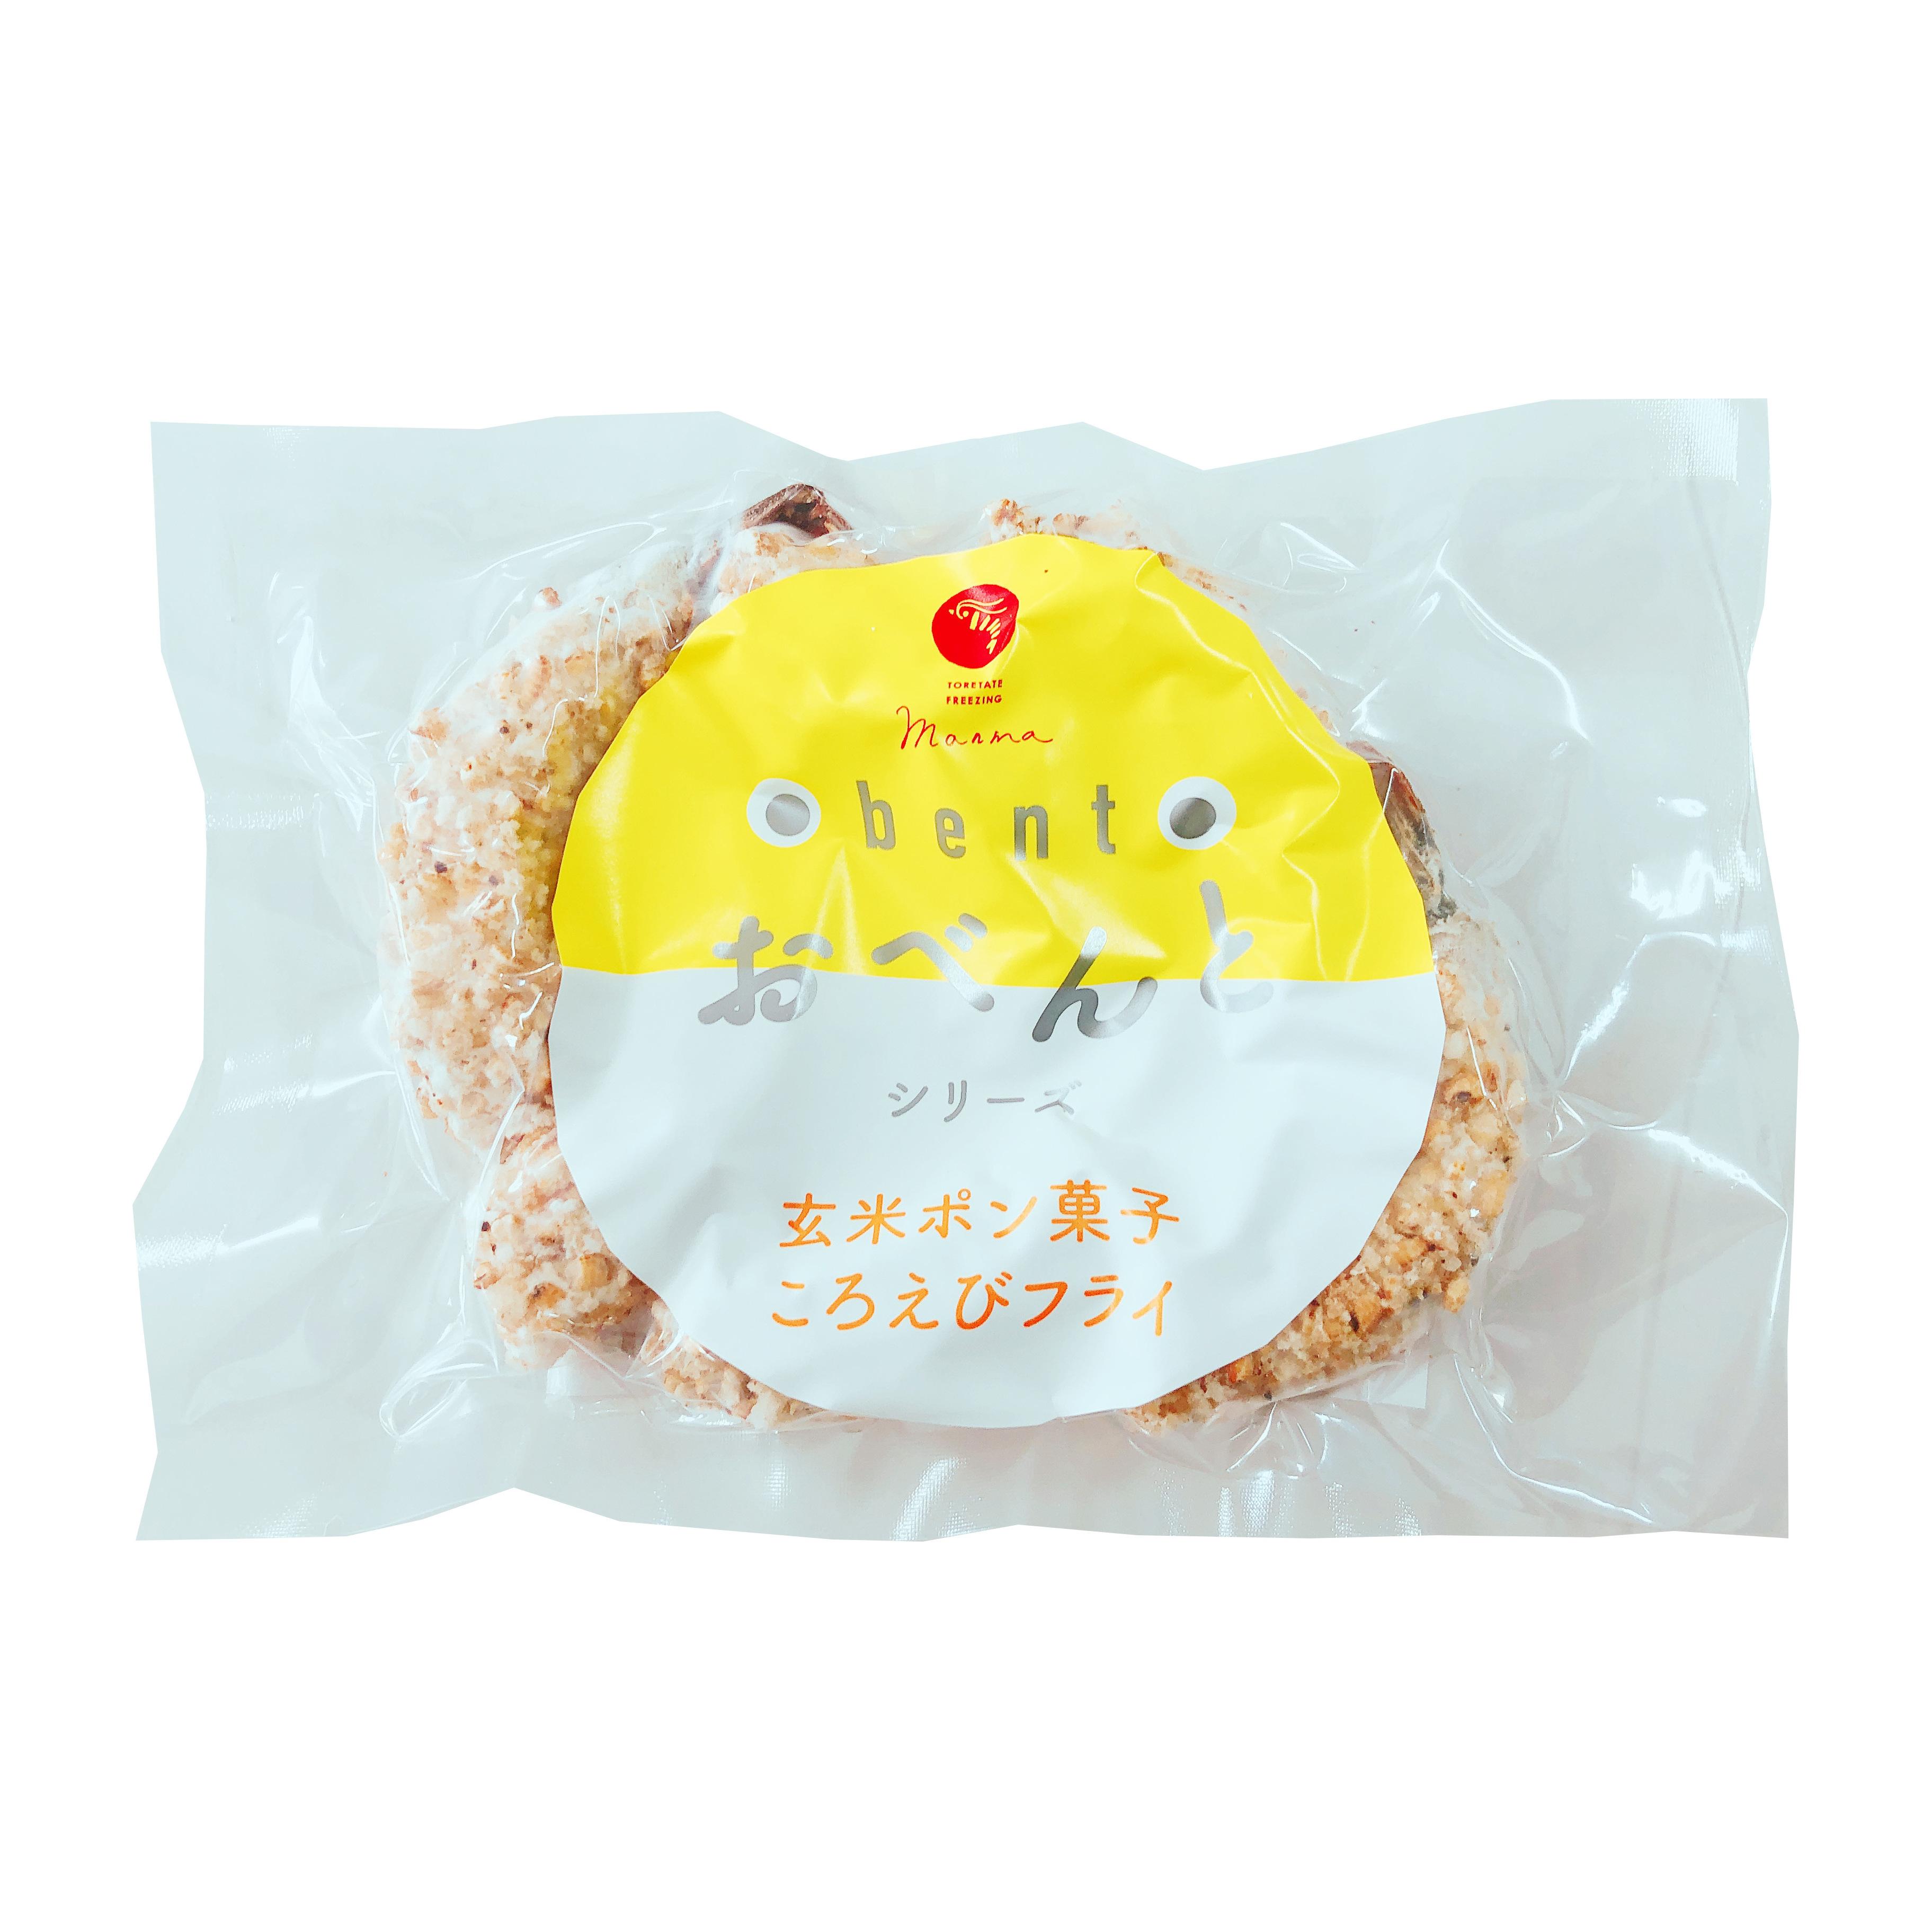 玄米ポン菓子ころえびフライ 90g【おべんとシリーズ】